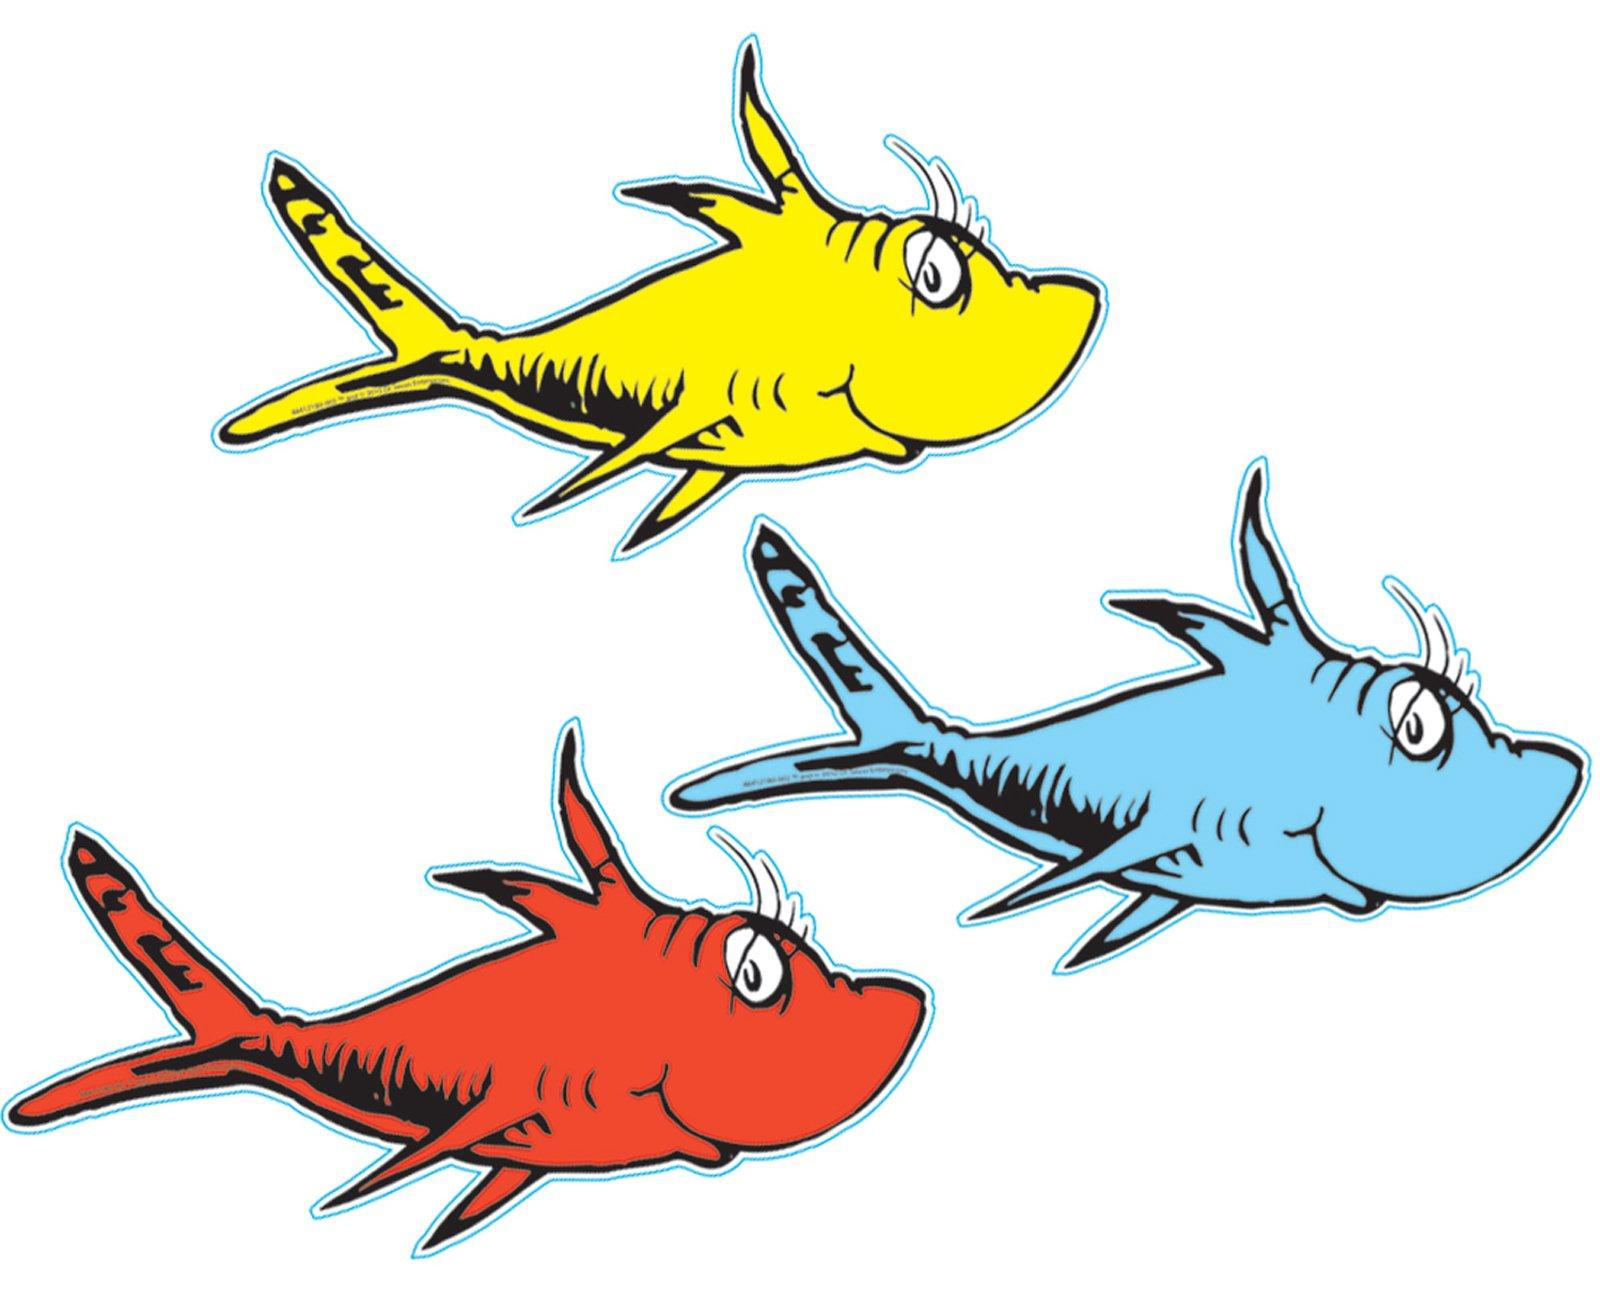 Dr Seuss Fish Clip Art | Clipart Library-Dr Seuss Fish Clip Art | Clipart library - Free Clipart Images-13